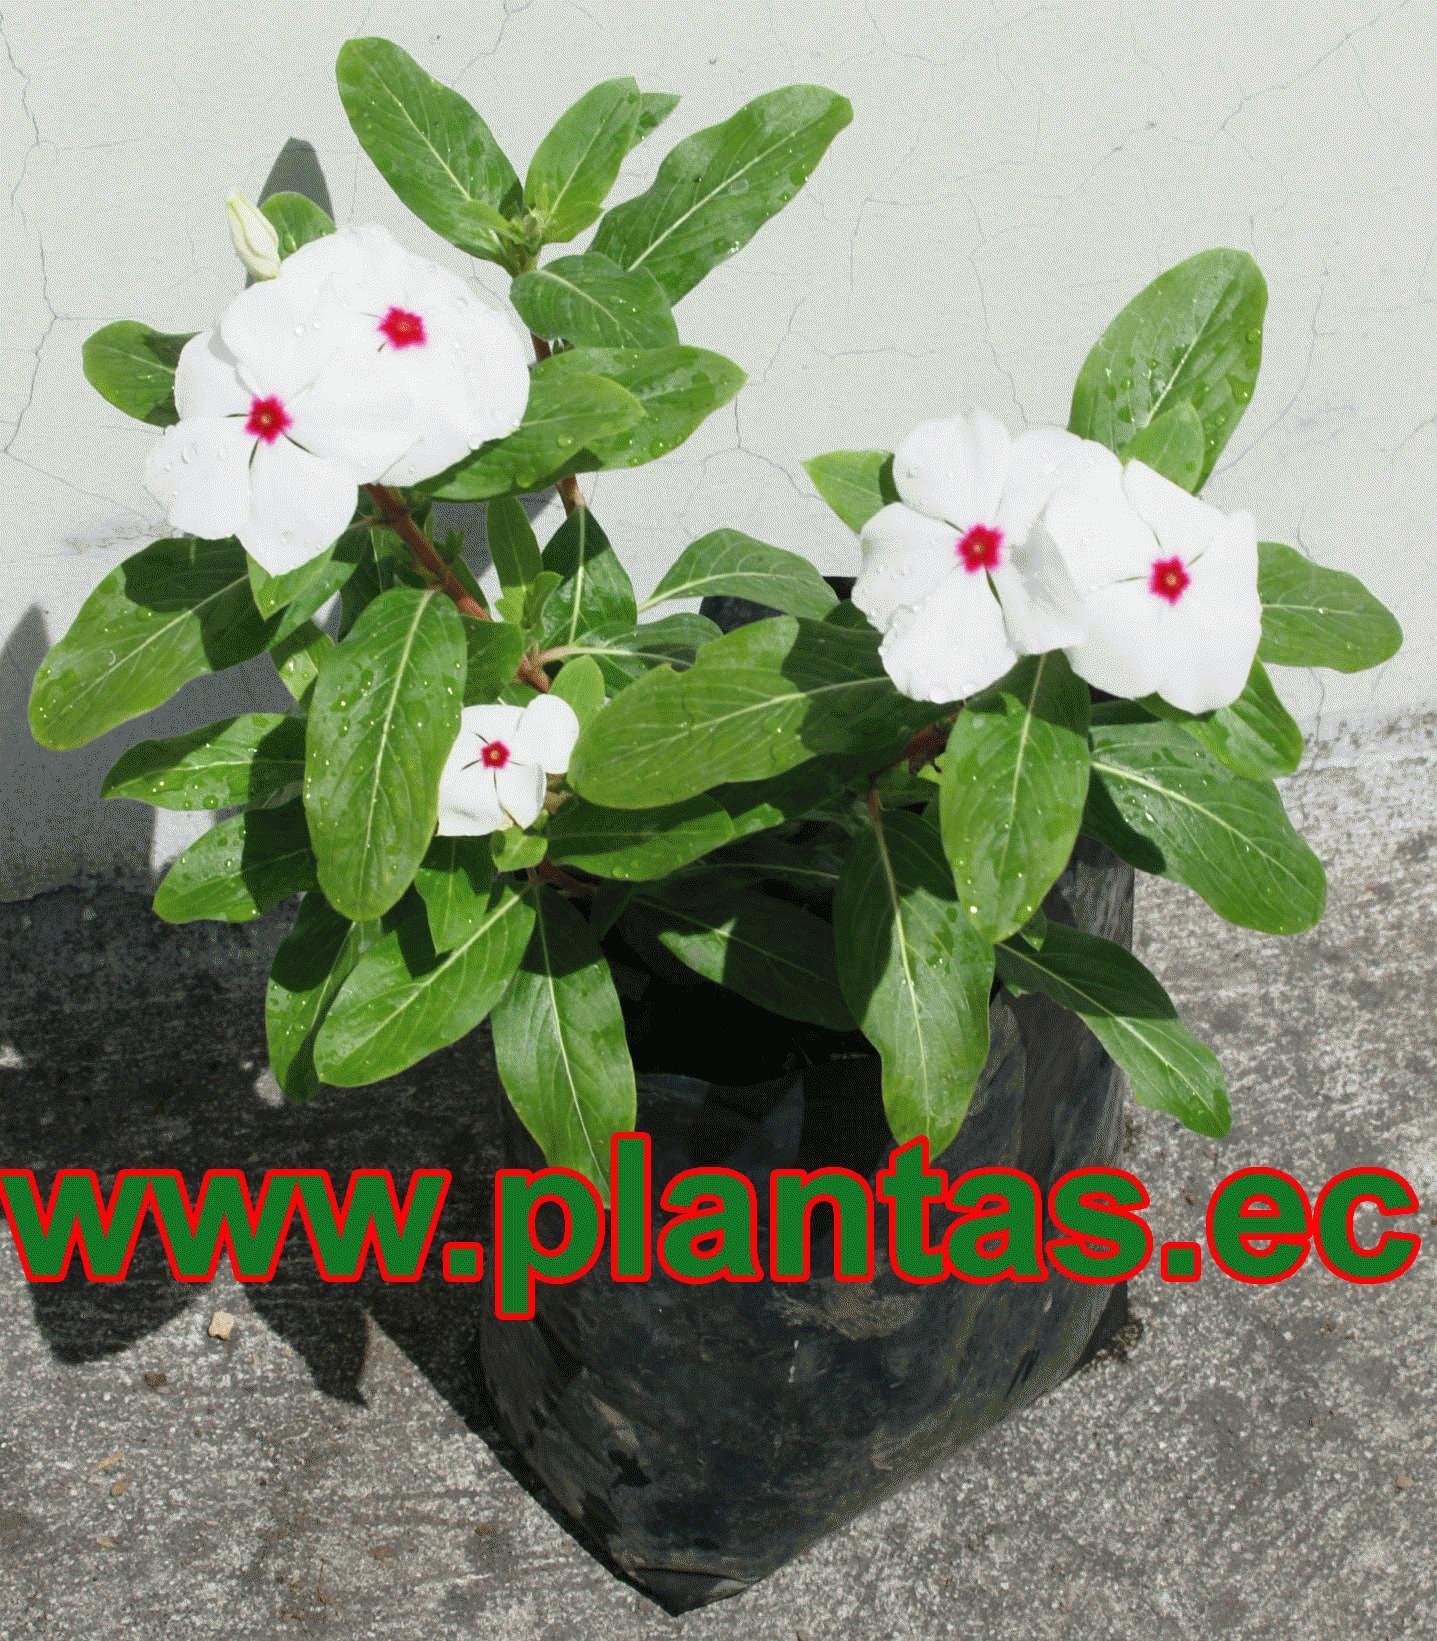 Arboles frutales plantas ornamentales y for Ver plantas ornamentales